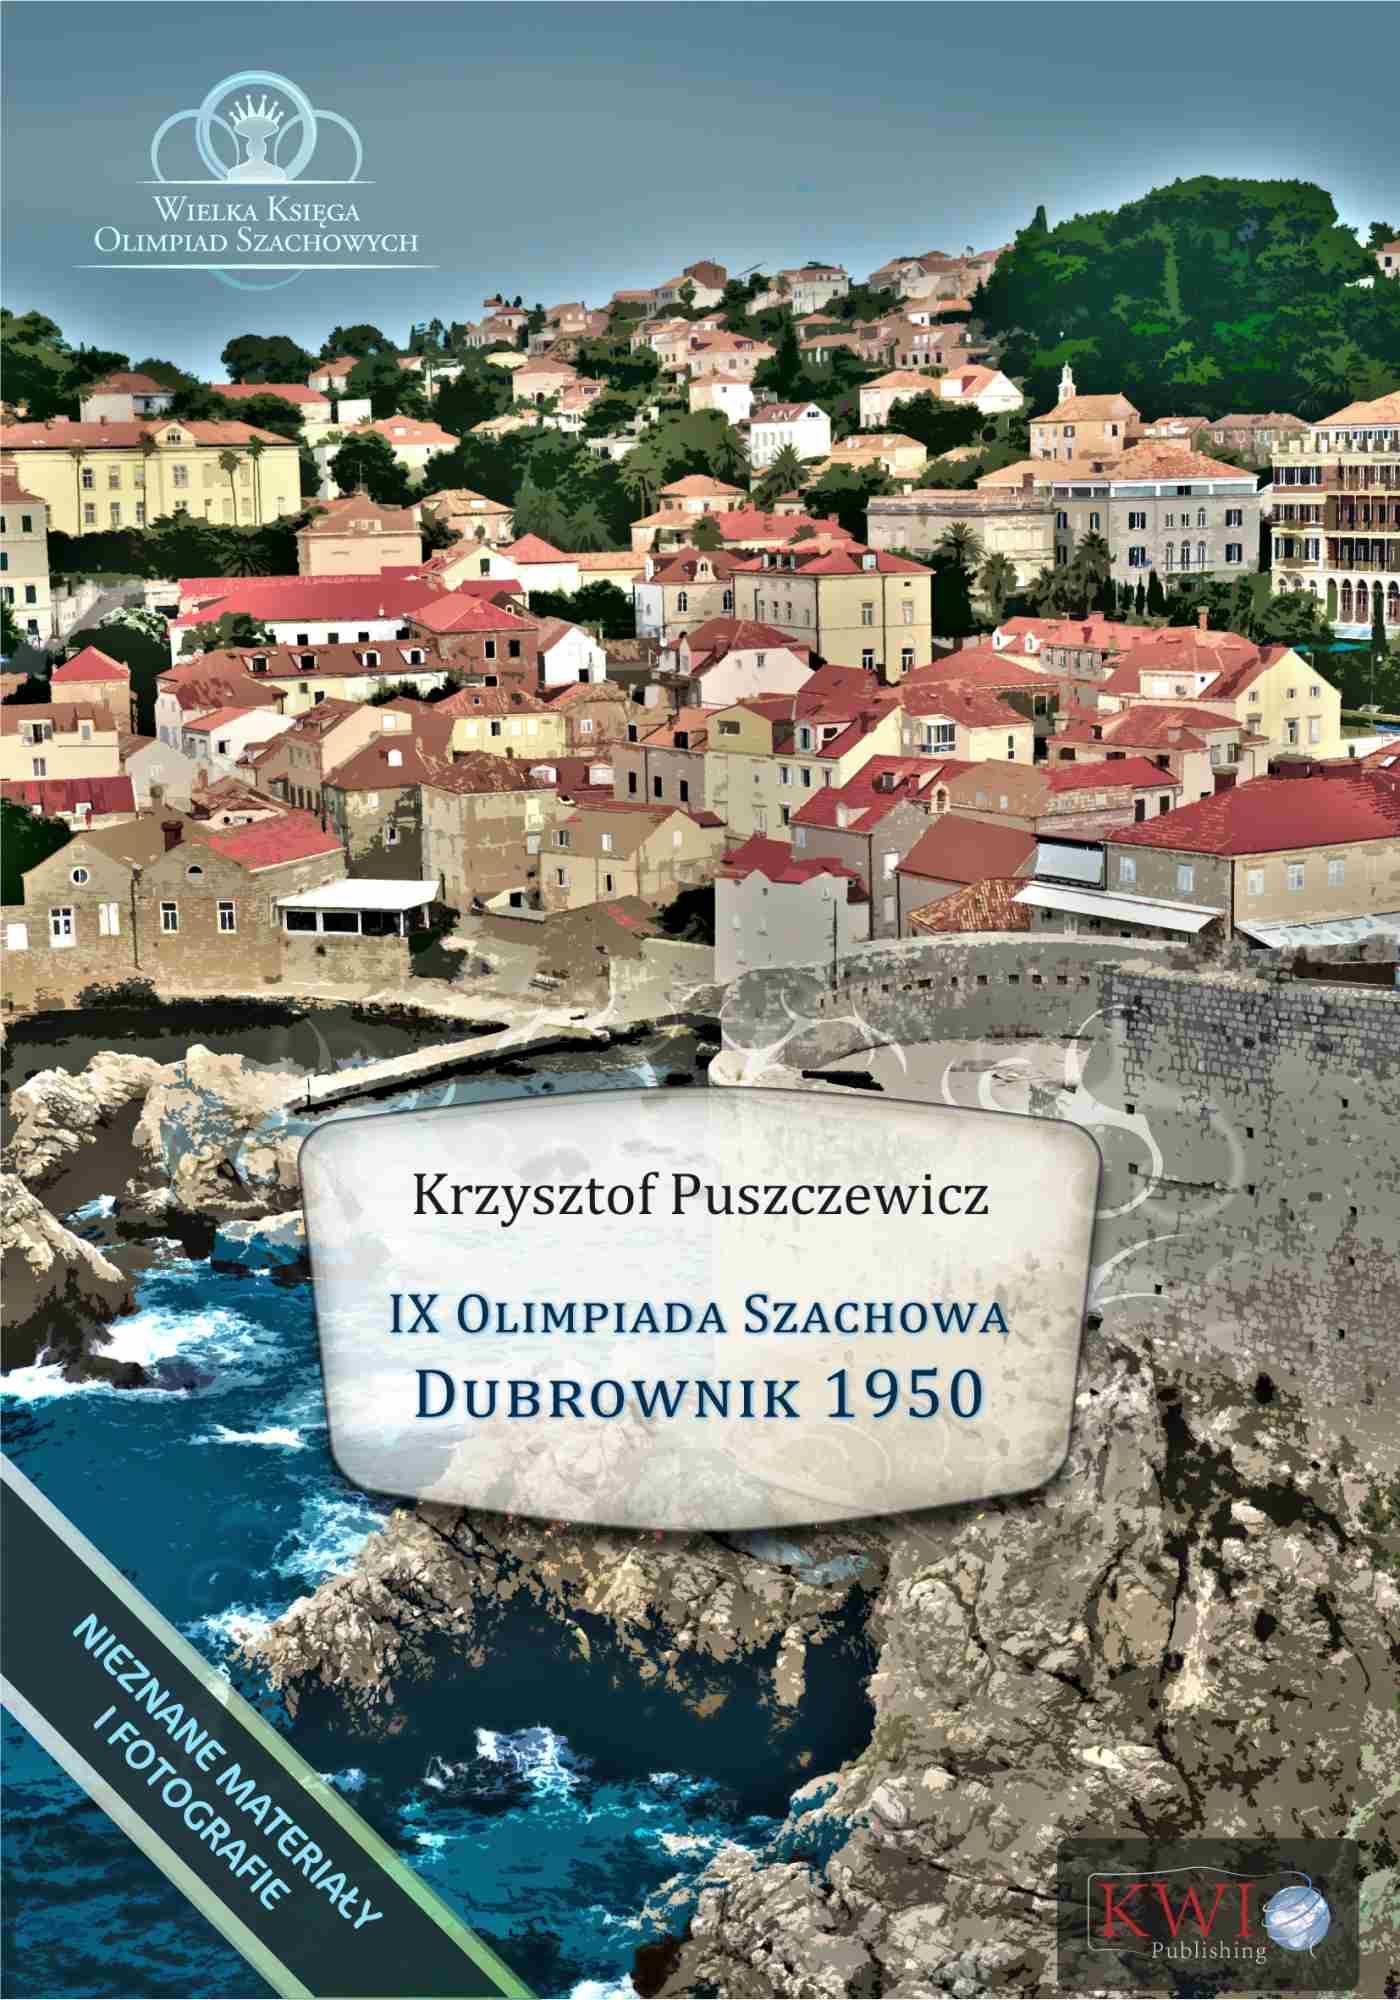 IX Olimpiada Szachowa – Dubrownik 1950 - Ebook (Książka EPUB) do pobrania w formacie EPUB